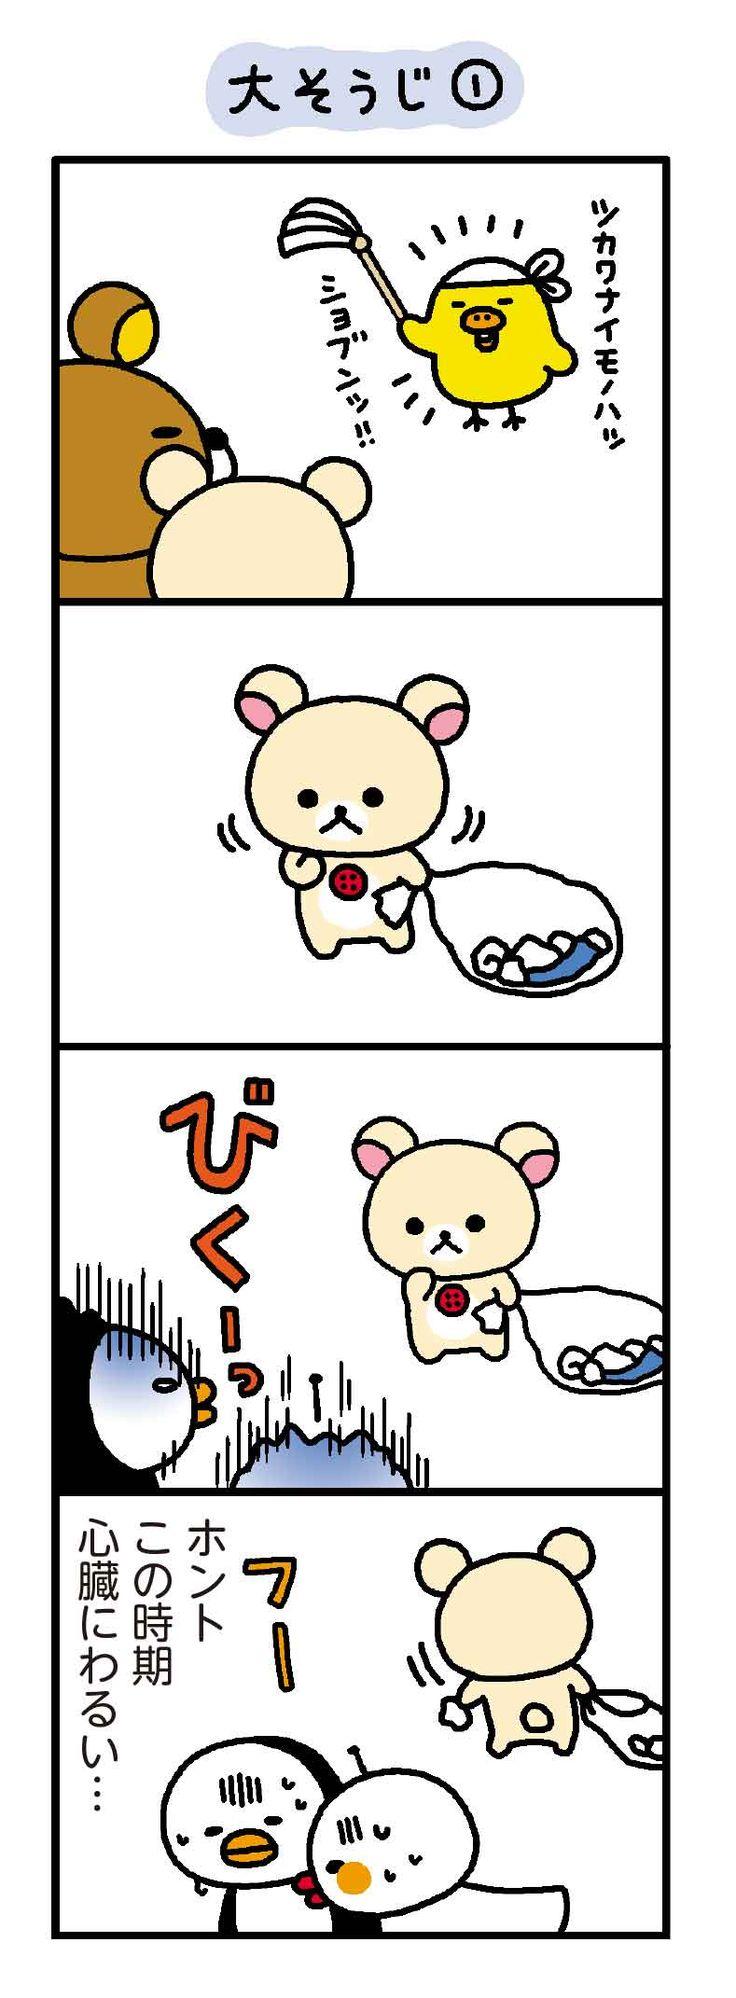 リラックマ 4クママンガ   大そうじ 1   無料で読める漫画・4コマサイト   パチクリ!